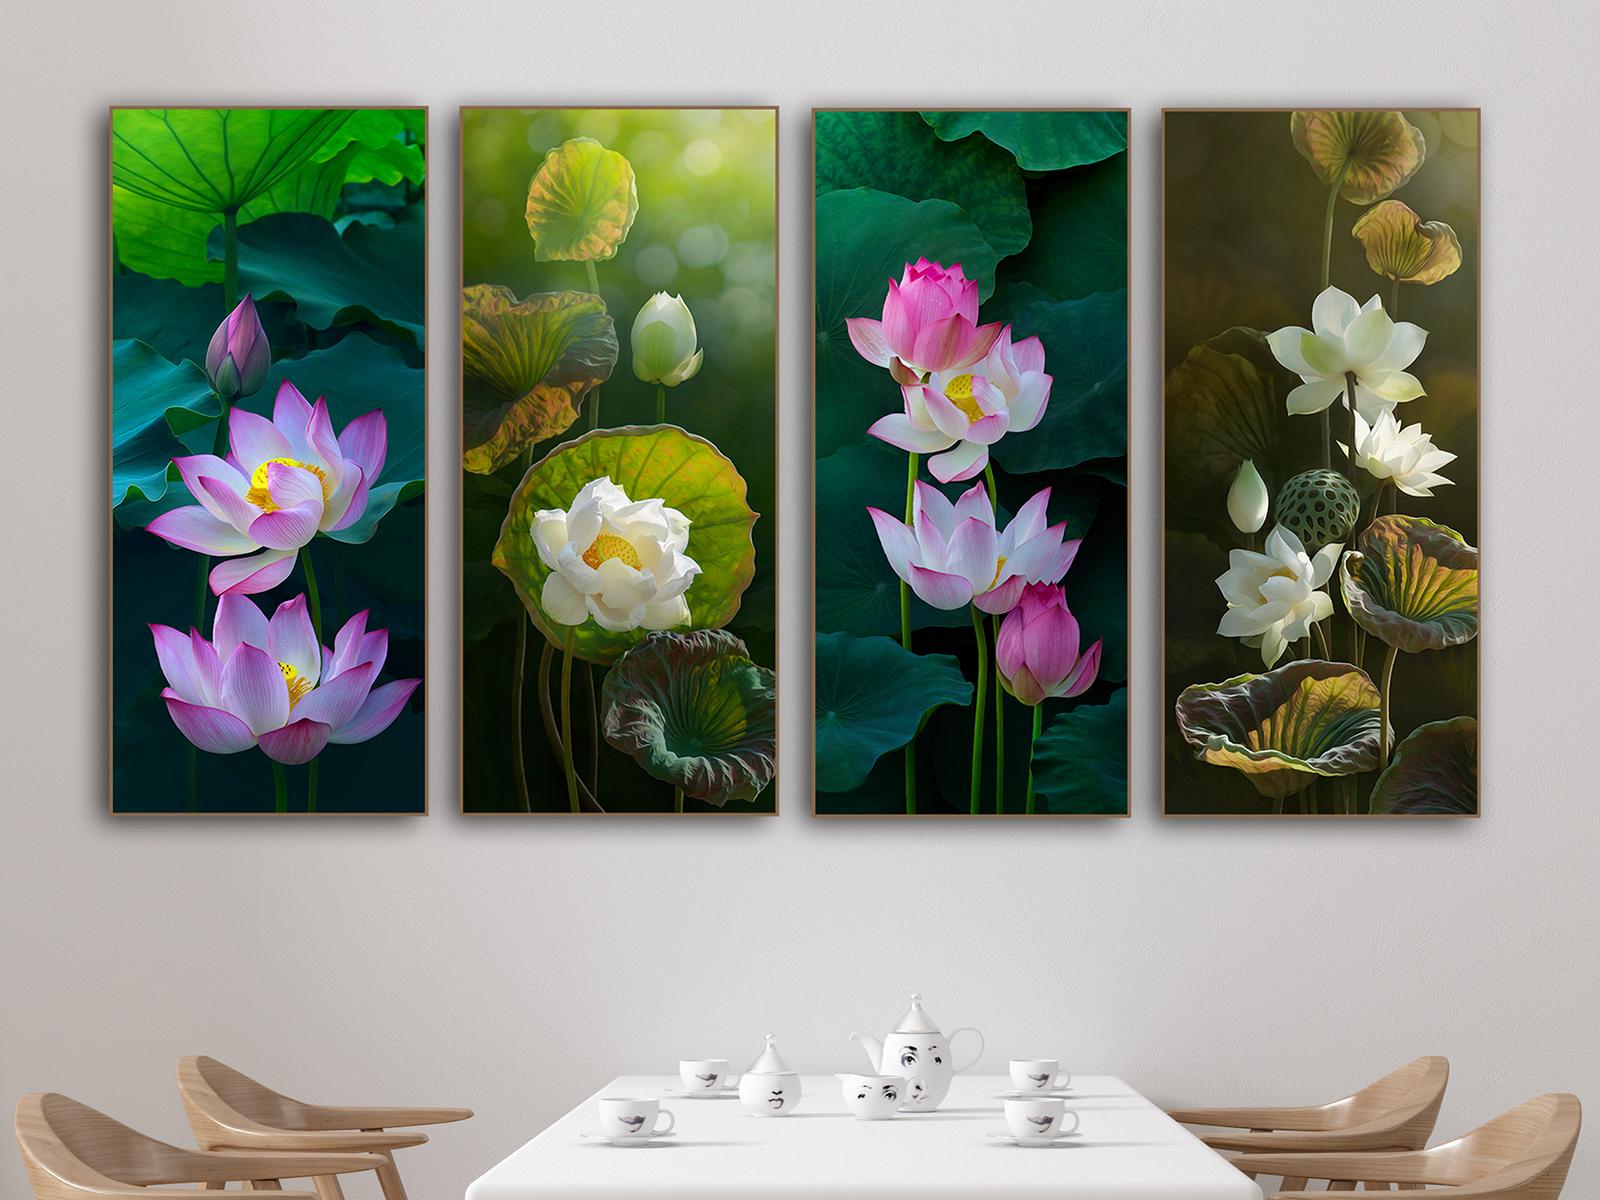 Tranh Trang Trí - Vol37 (HEN-00-100)